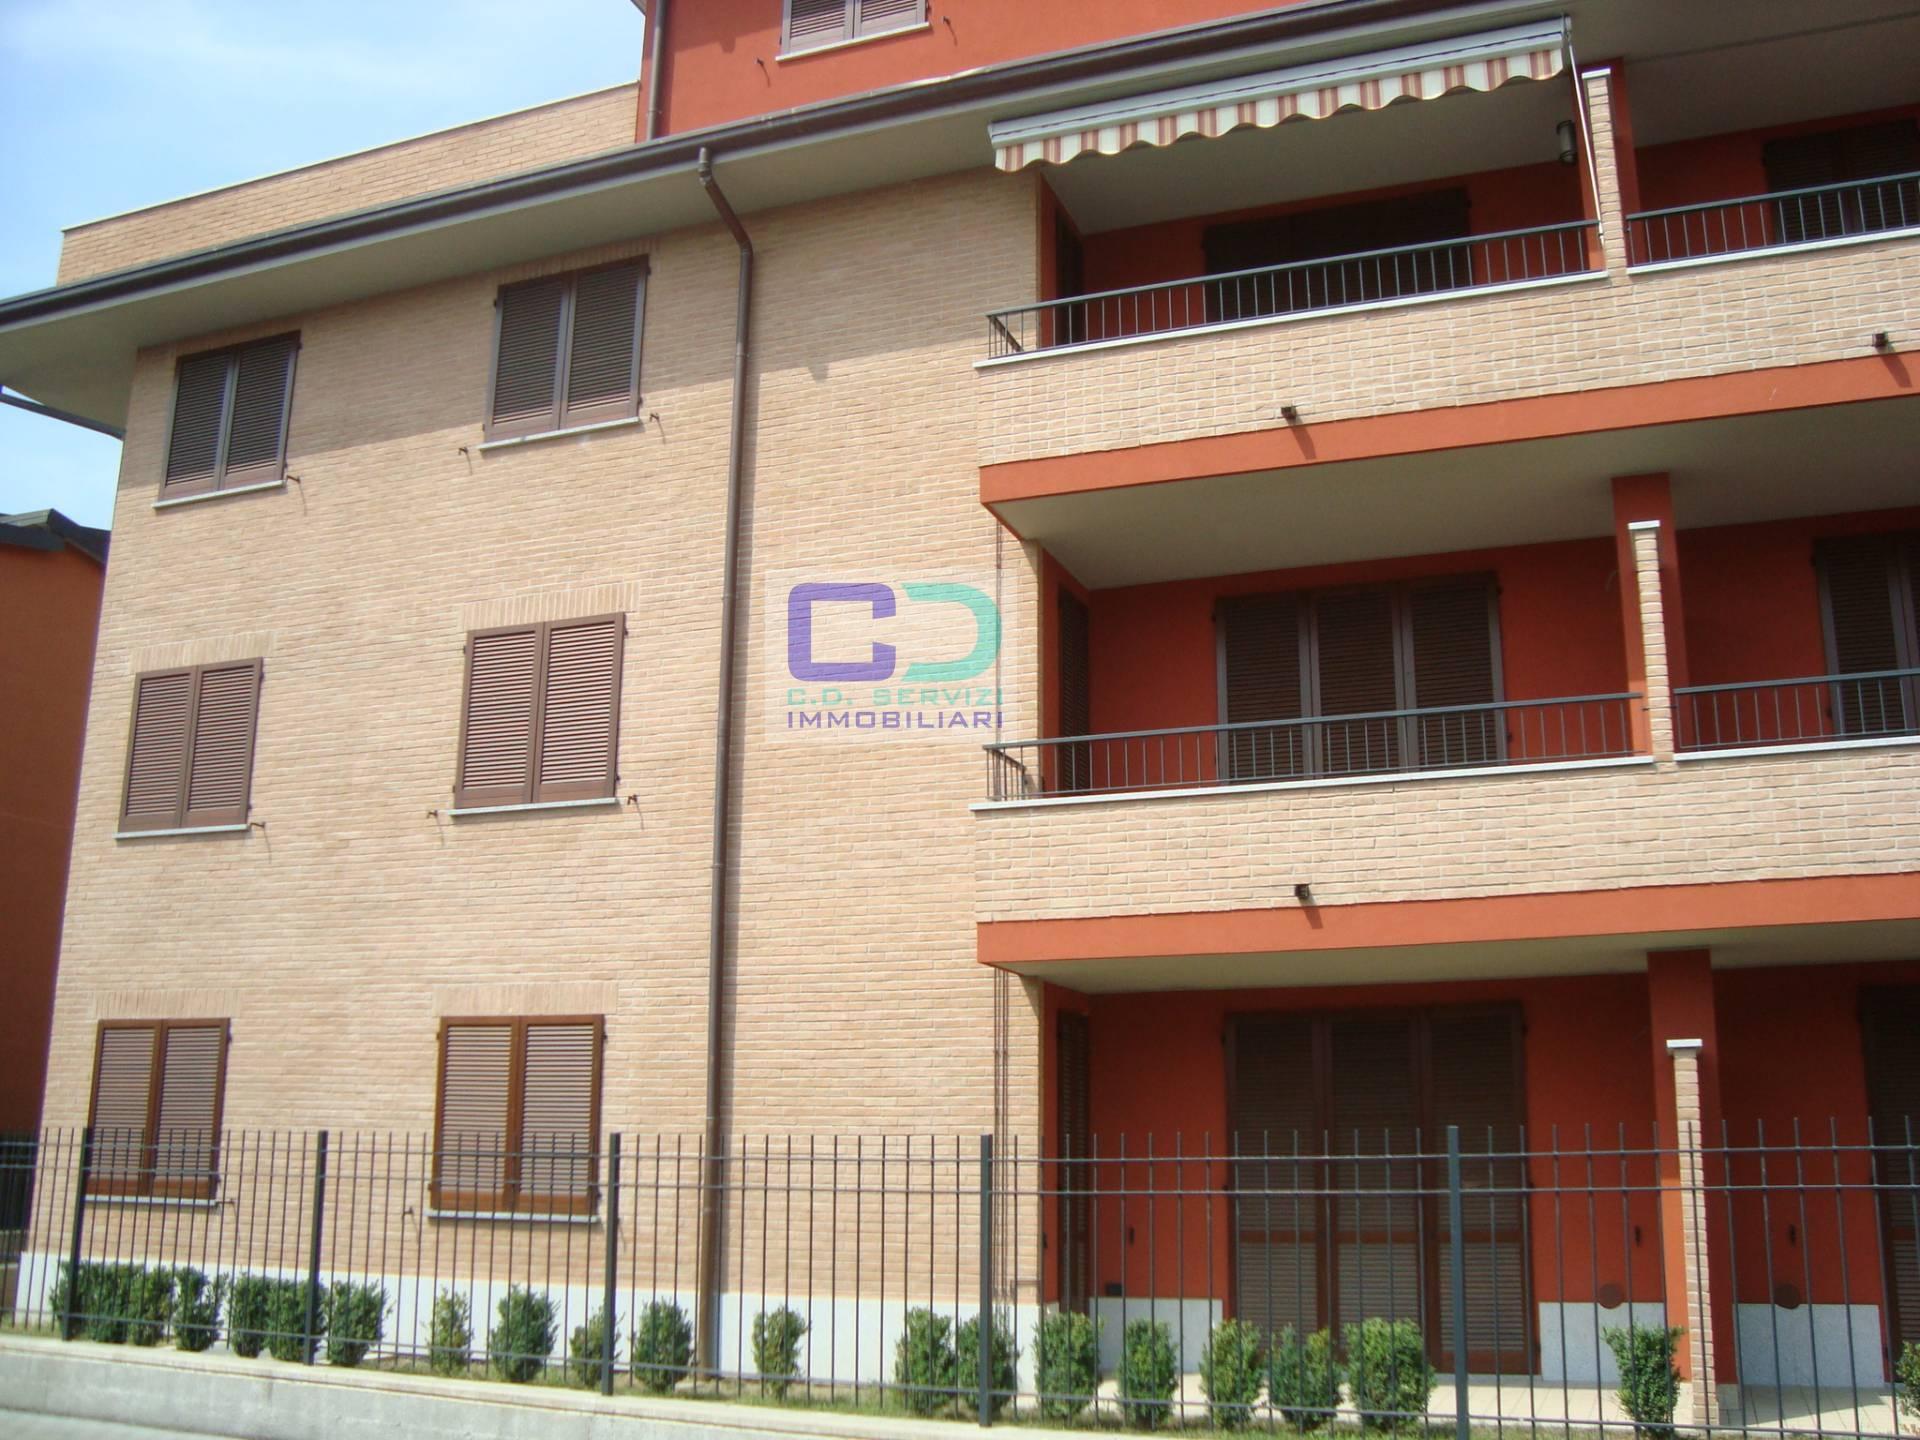 Appartamento in vendita a cassano d 39 adda cod 0030 for Piani di piccola fattoria avvolgono portico